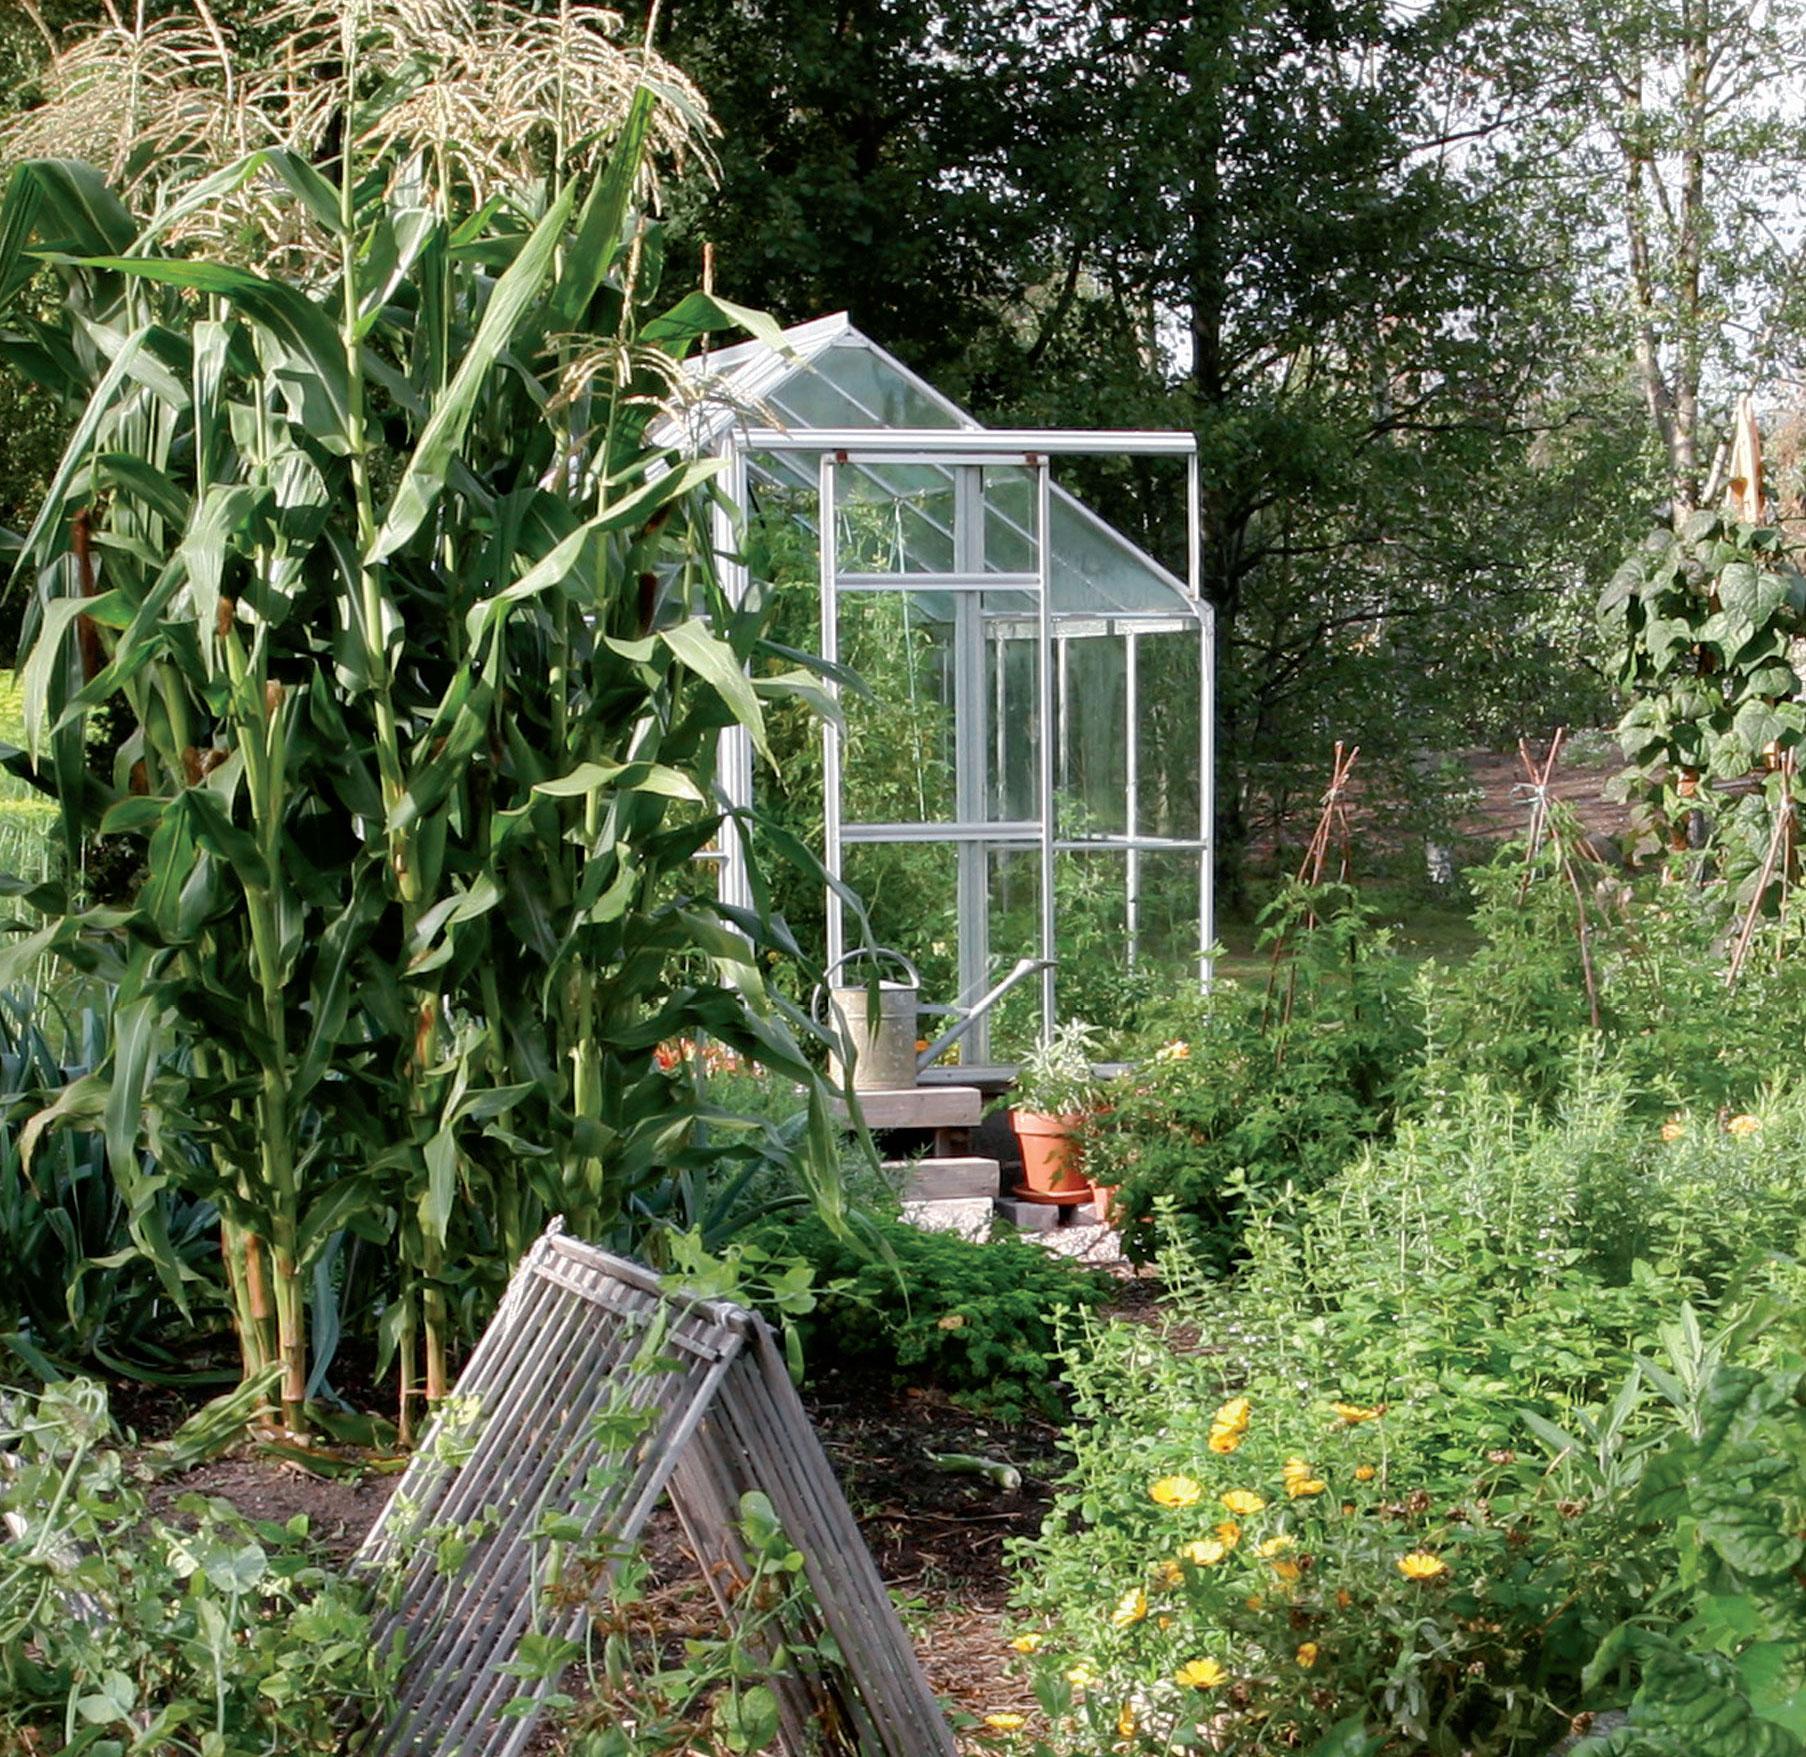 Vuoroviljely on hyväksi maaperälle